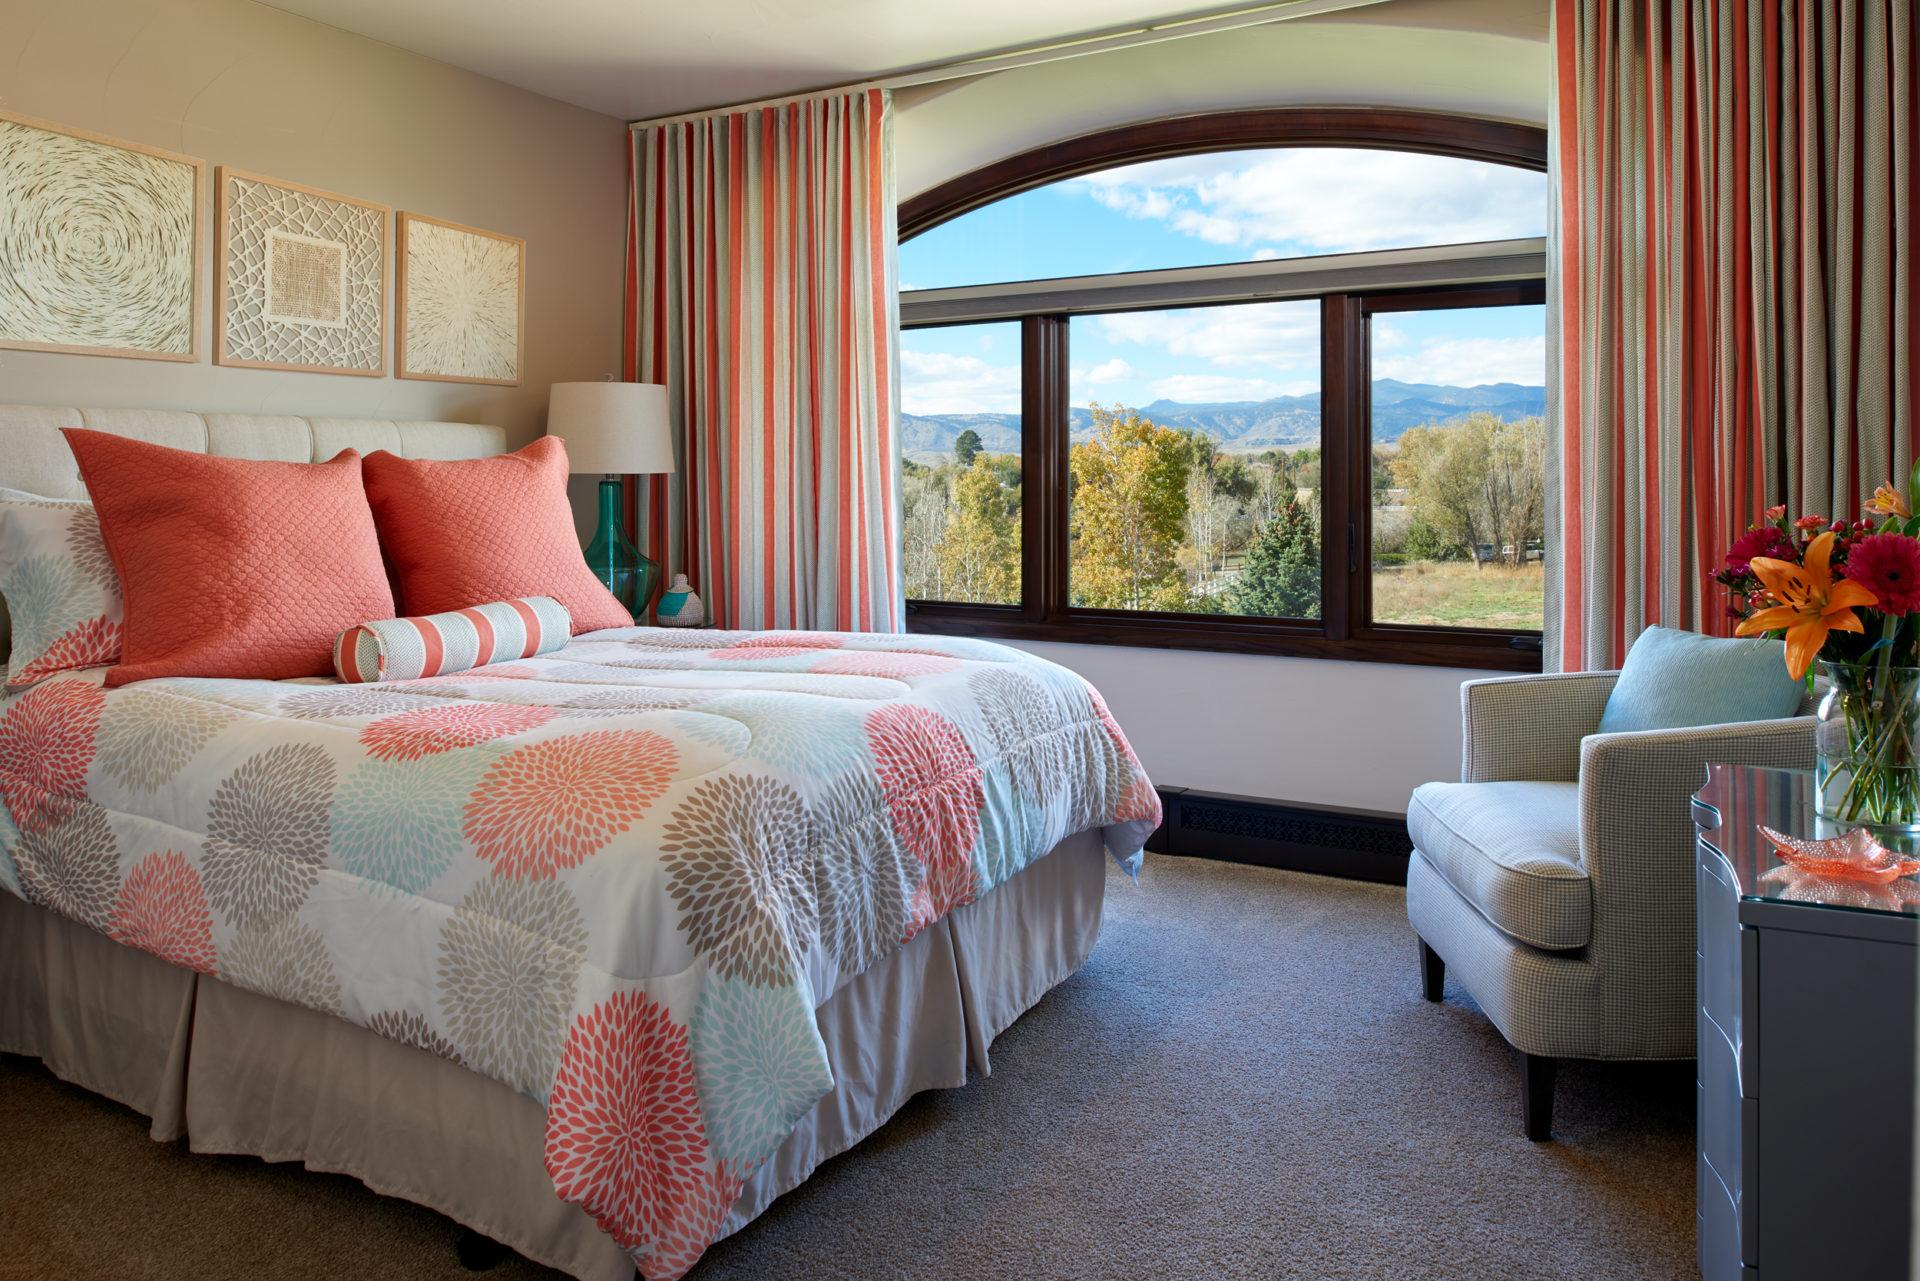 Bedroom Overlooking Field